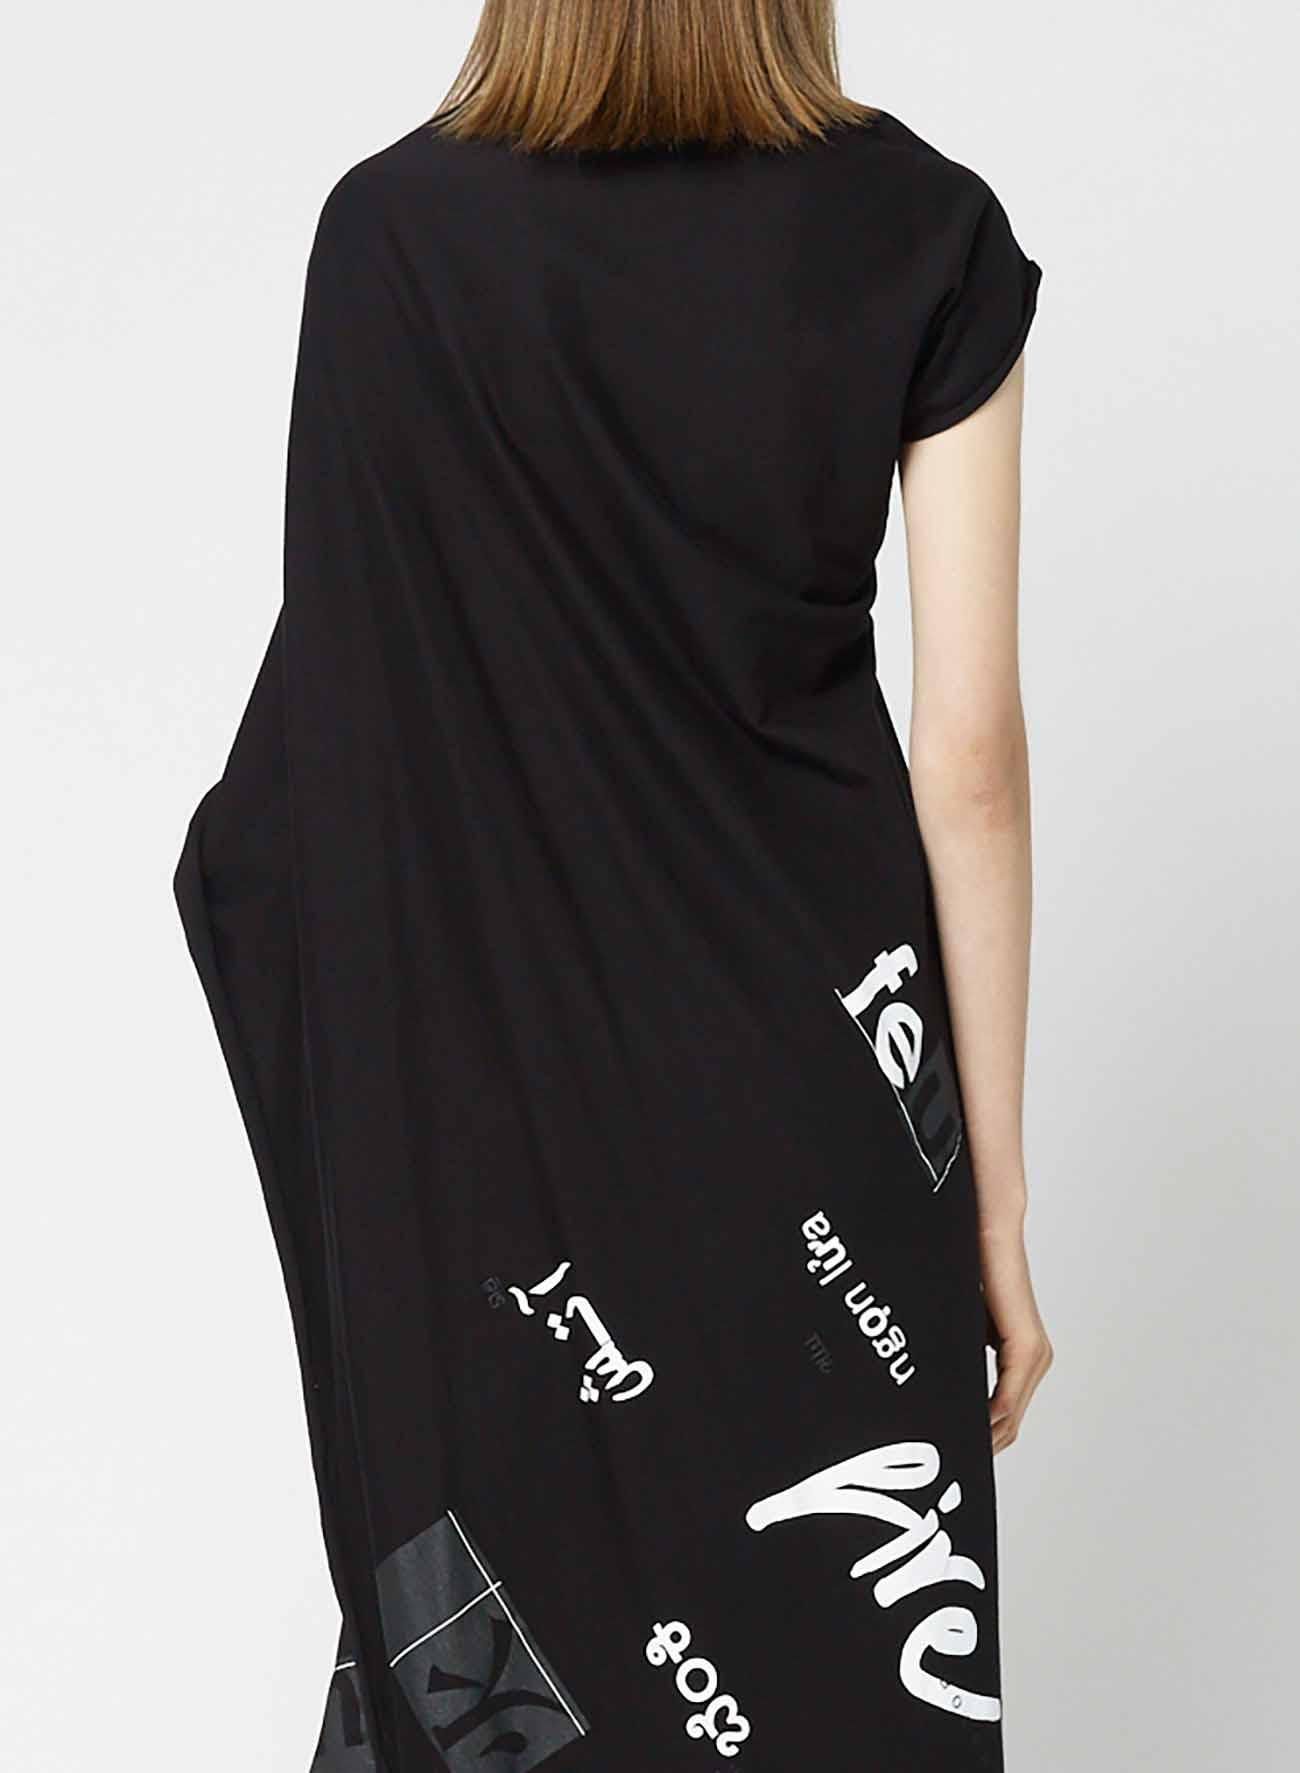 Words [Feu] Print 2 Drape Cut and sew Dress